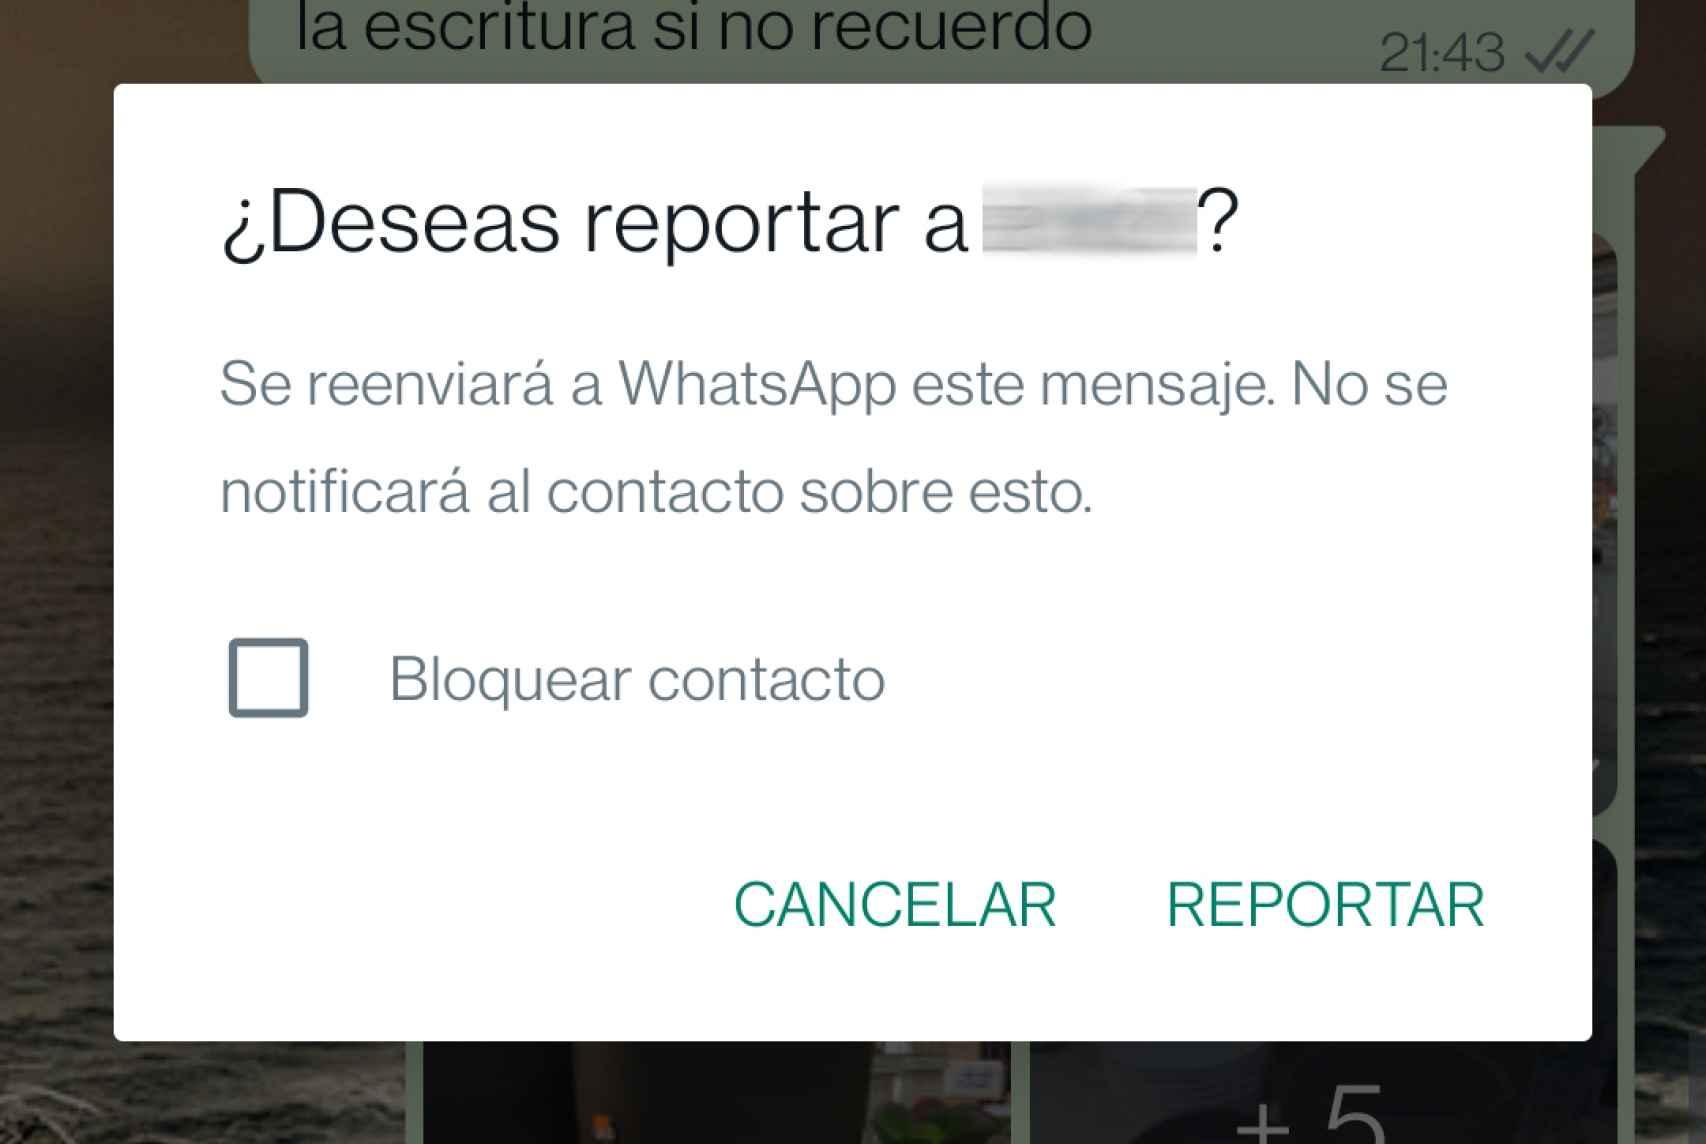 Nueva función para reportar un mensaje